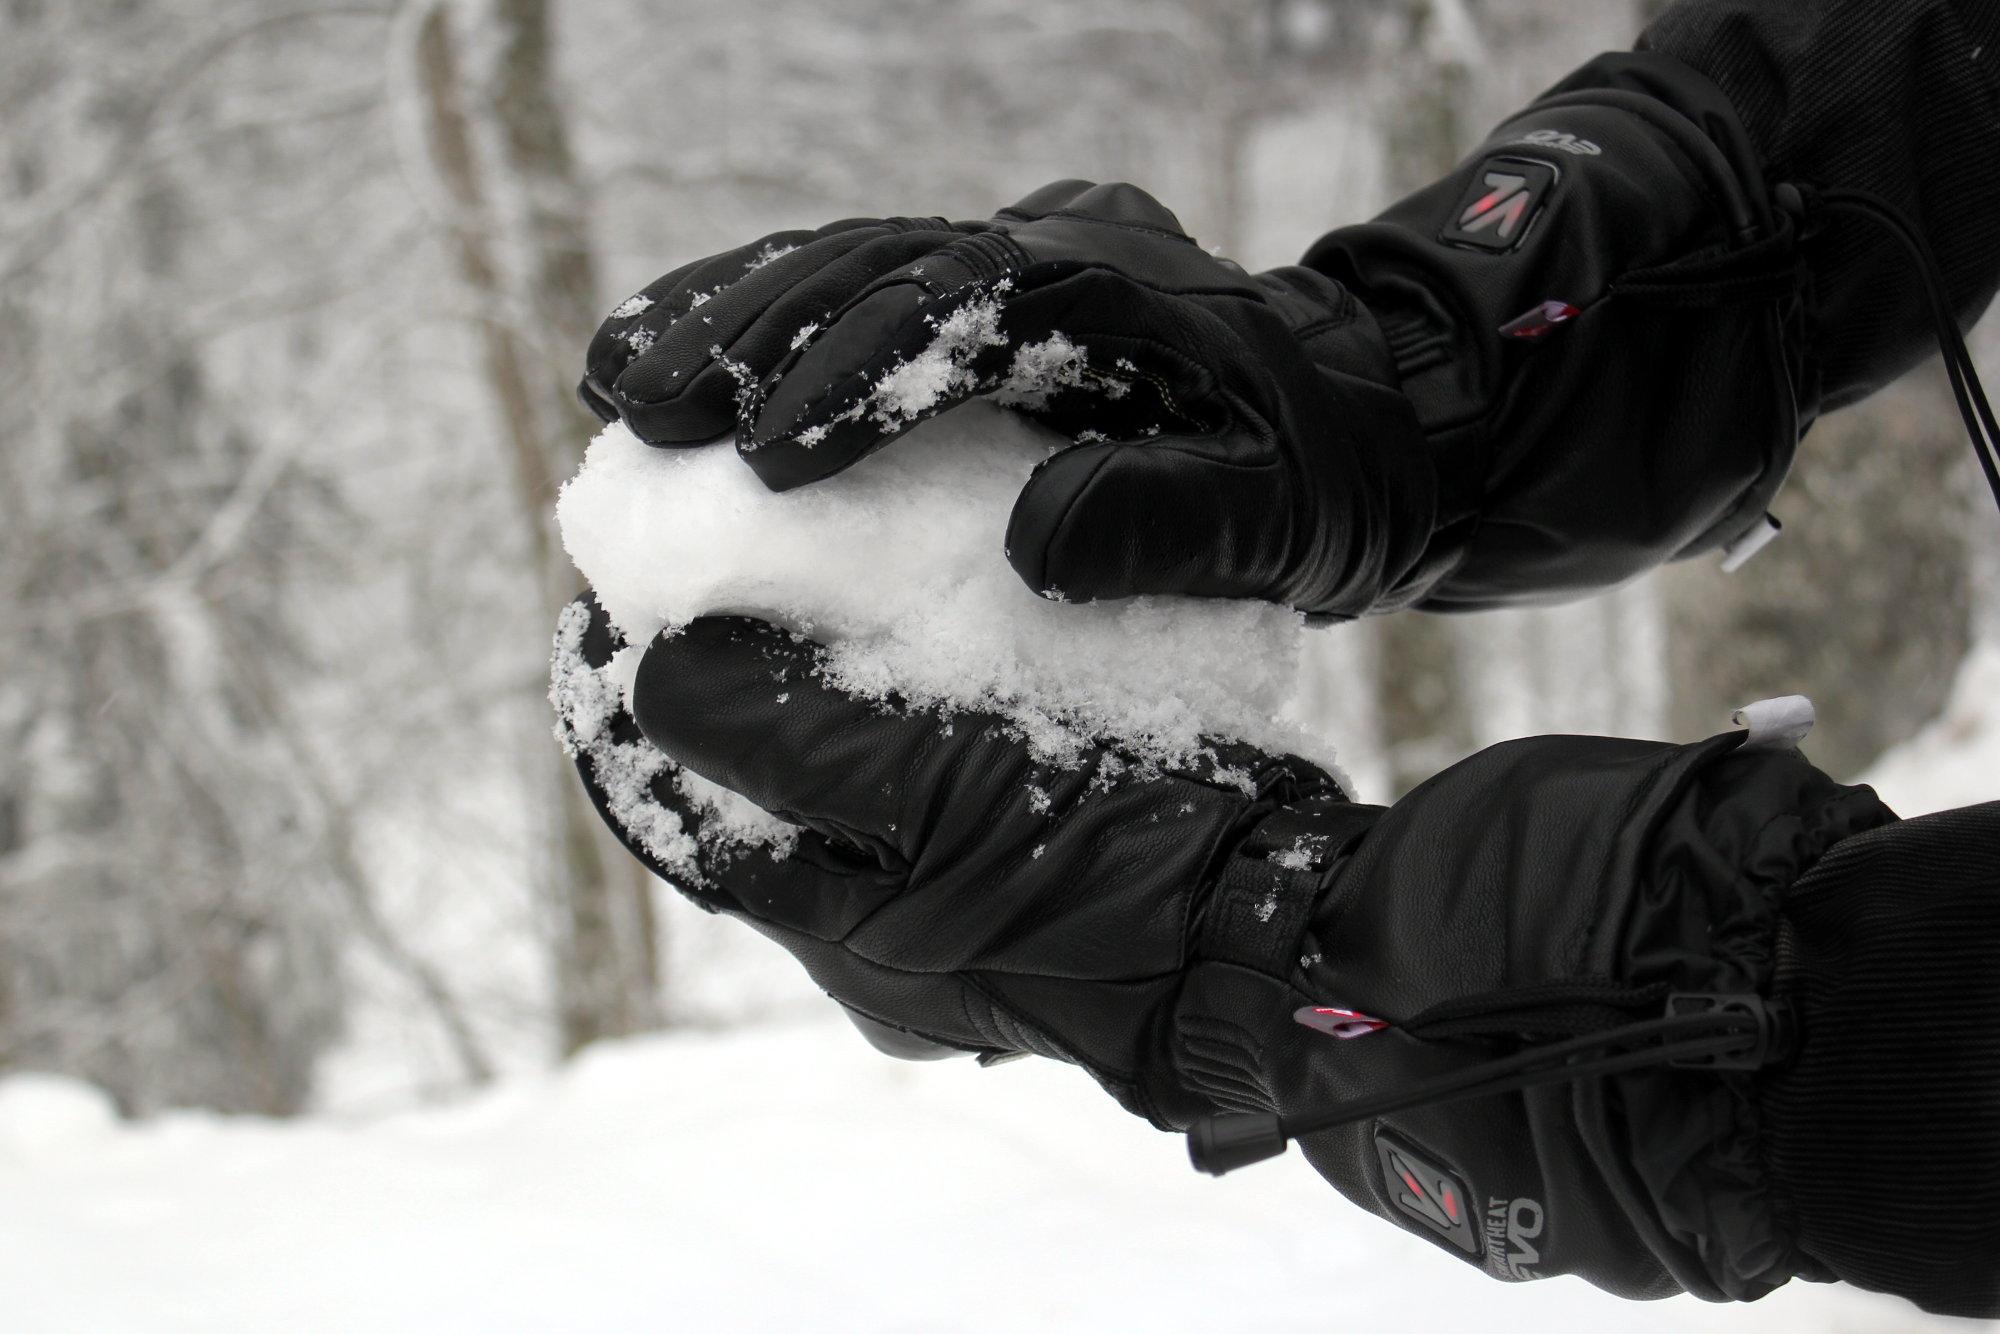 Rouler en hiver avec des gants moto chauffants